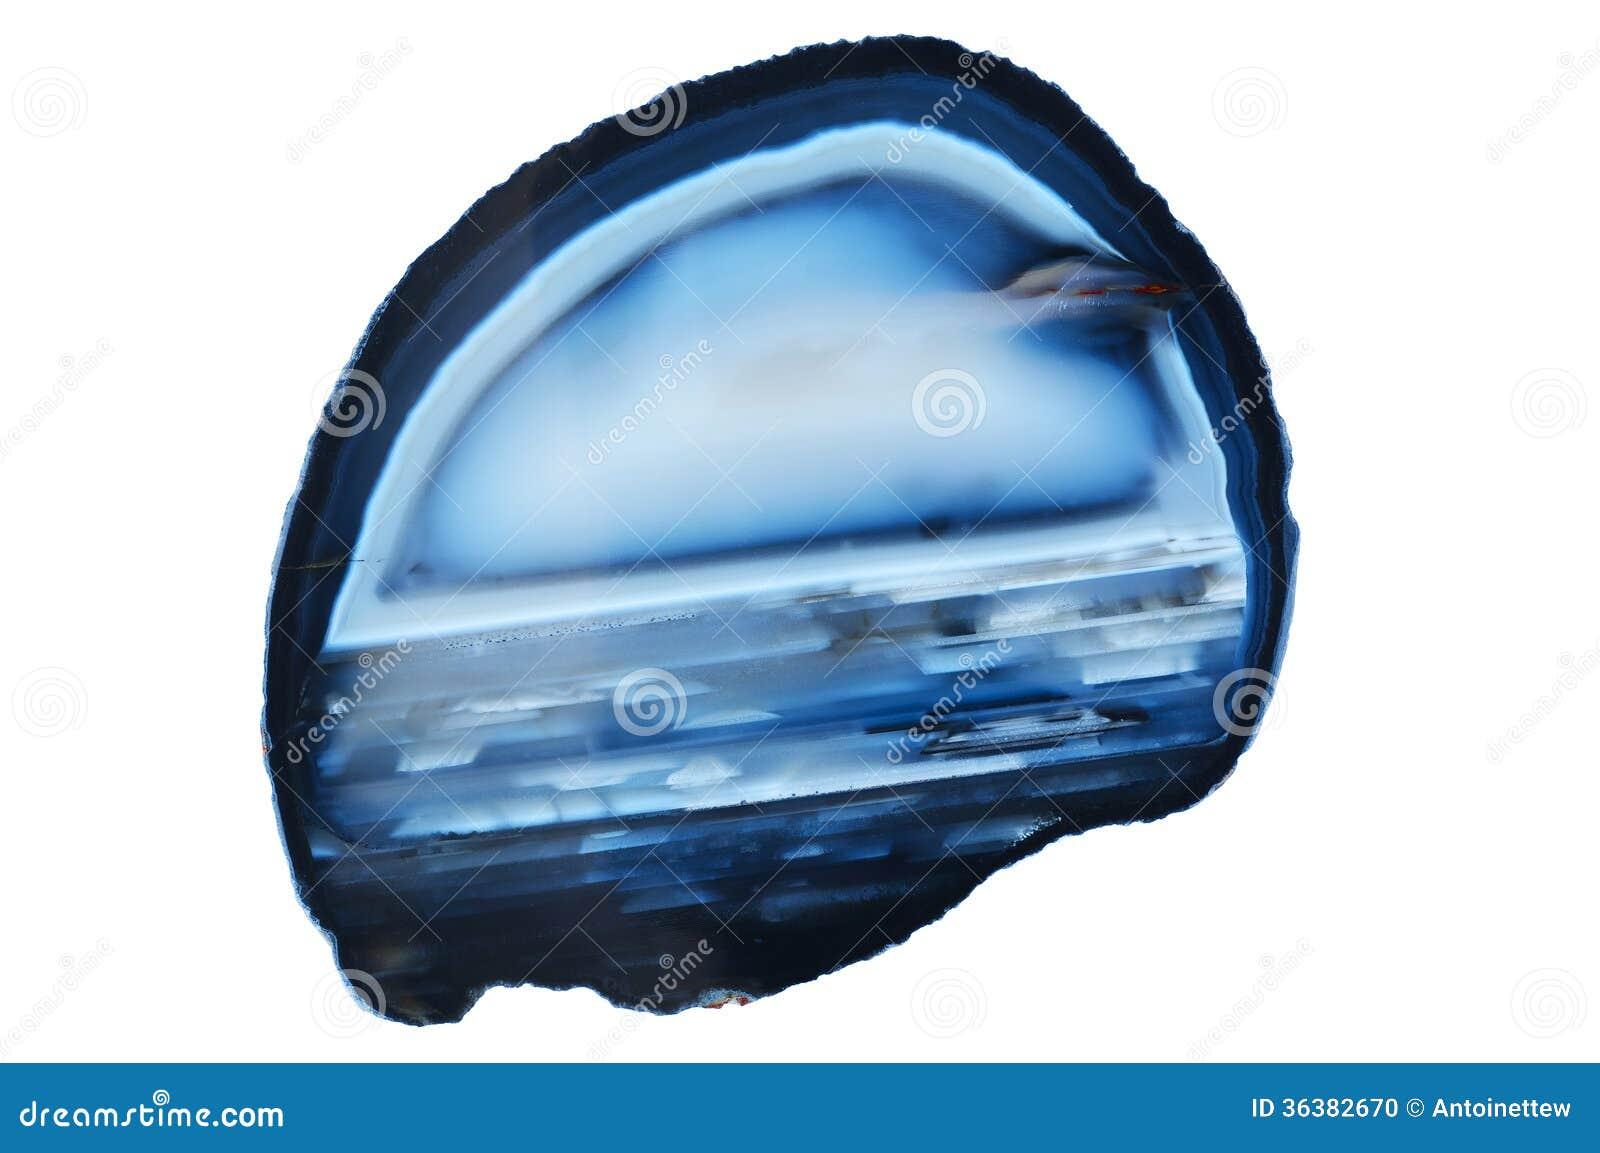 Felicia amelloides - aster du Cap Tranche-polie-de-pierre-gemme-bleue-d-agate-36382670